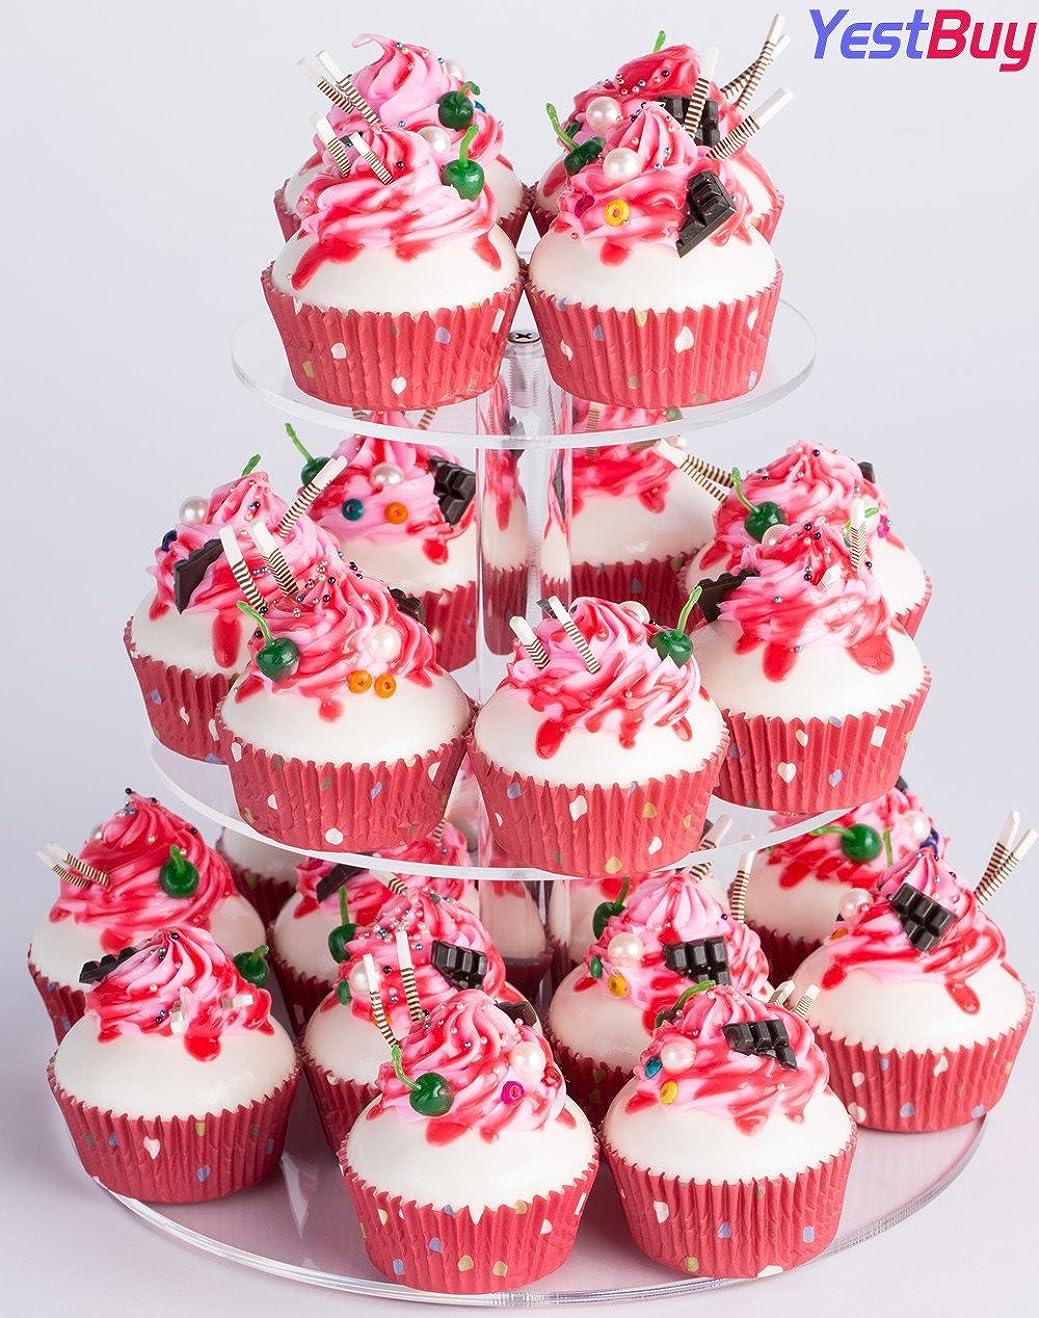 ペニー書き出す熱心なYestBuy 3 Tiers Round Party Wedding Birthday Clear Tree Tower Acrylic Cupcake Stand (8.7 Inches) by YEST